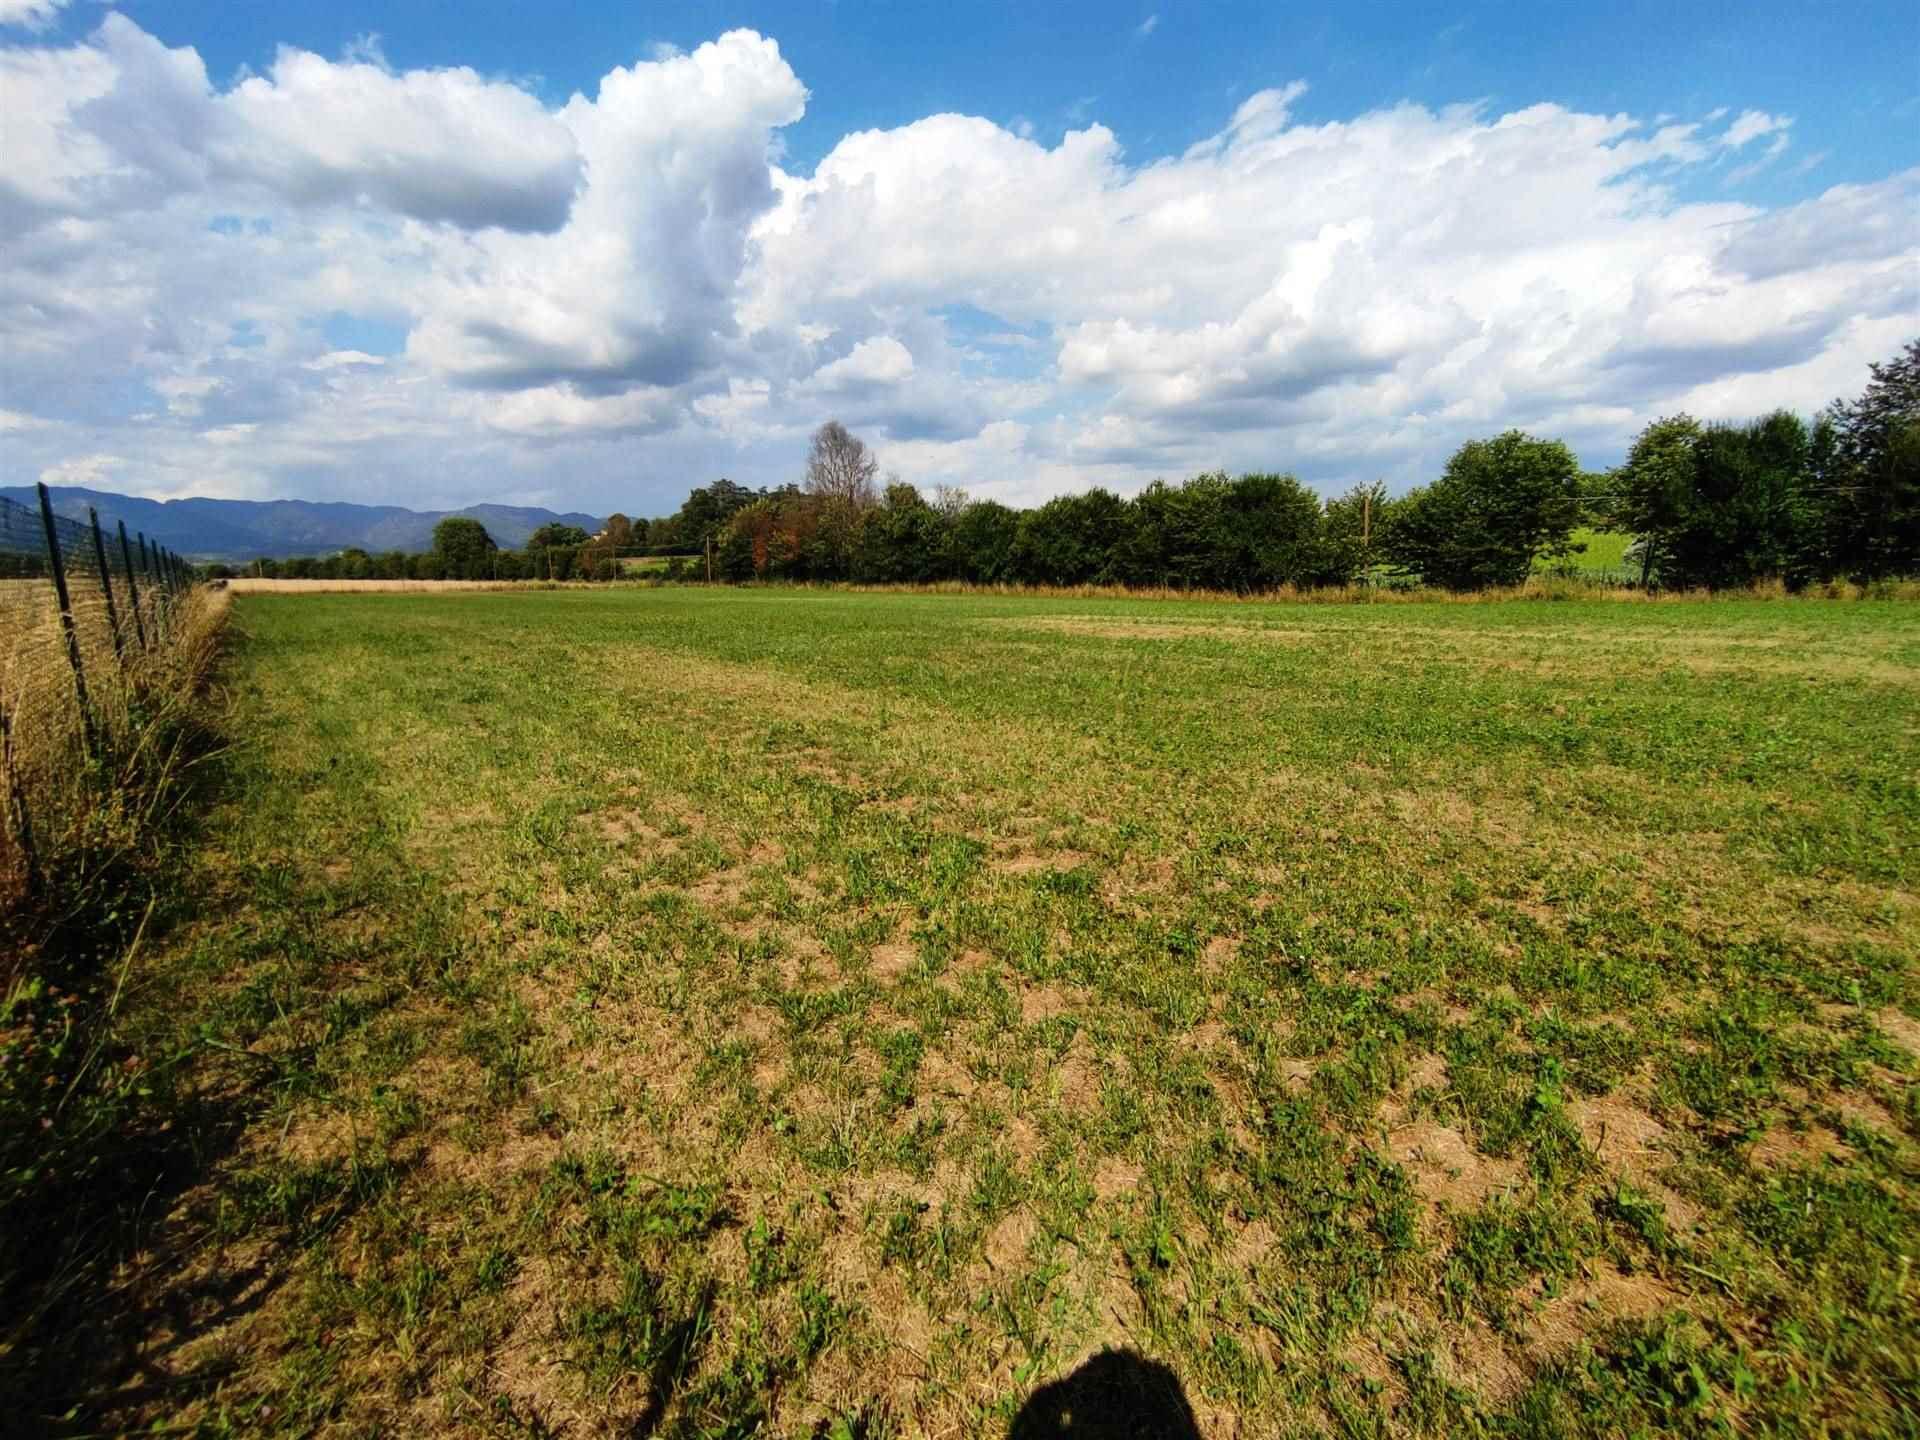 terreno pianeggiante privato